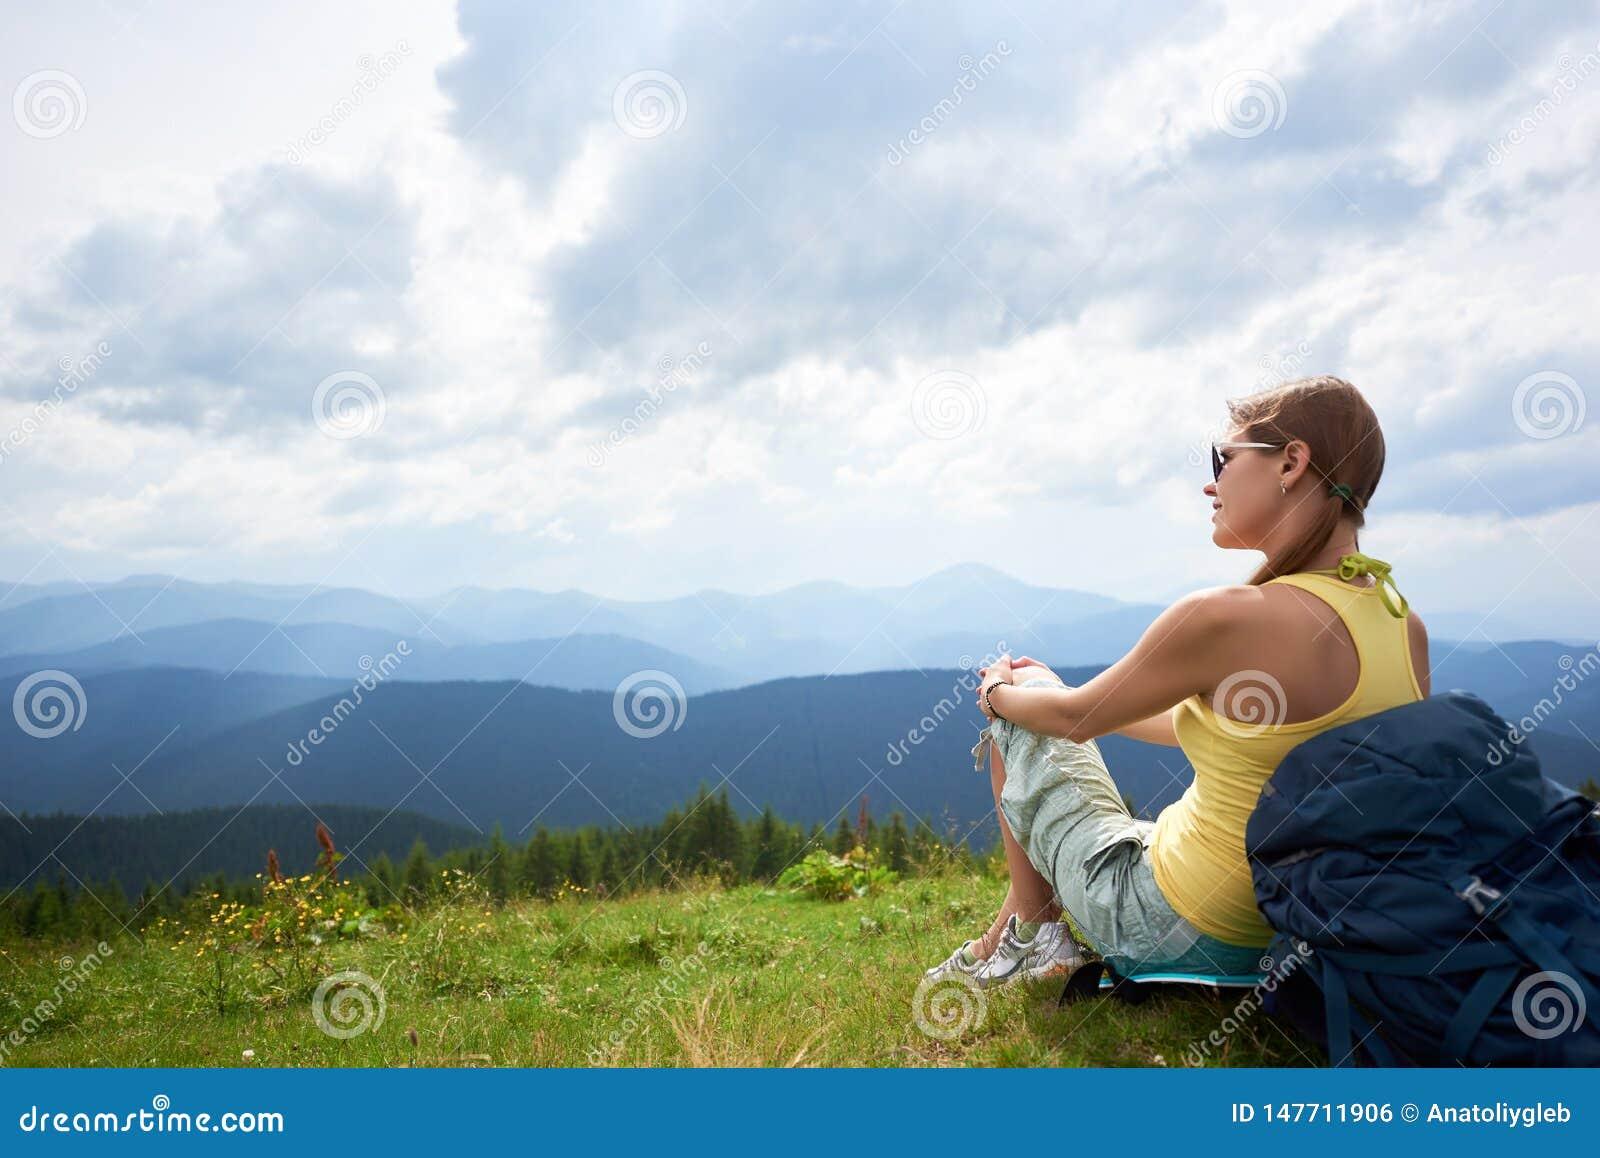 Kobieta wycieczkowicz wycieczkuje na trawiastym wzg?rzu, b?d?cy ubranym plecaka, u?ywa trekking wtyka w g?rach